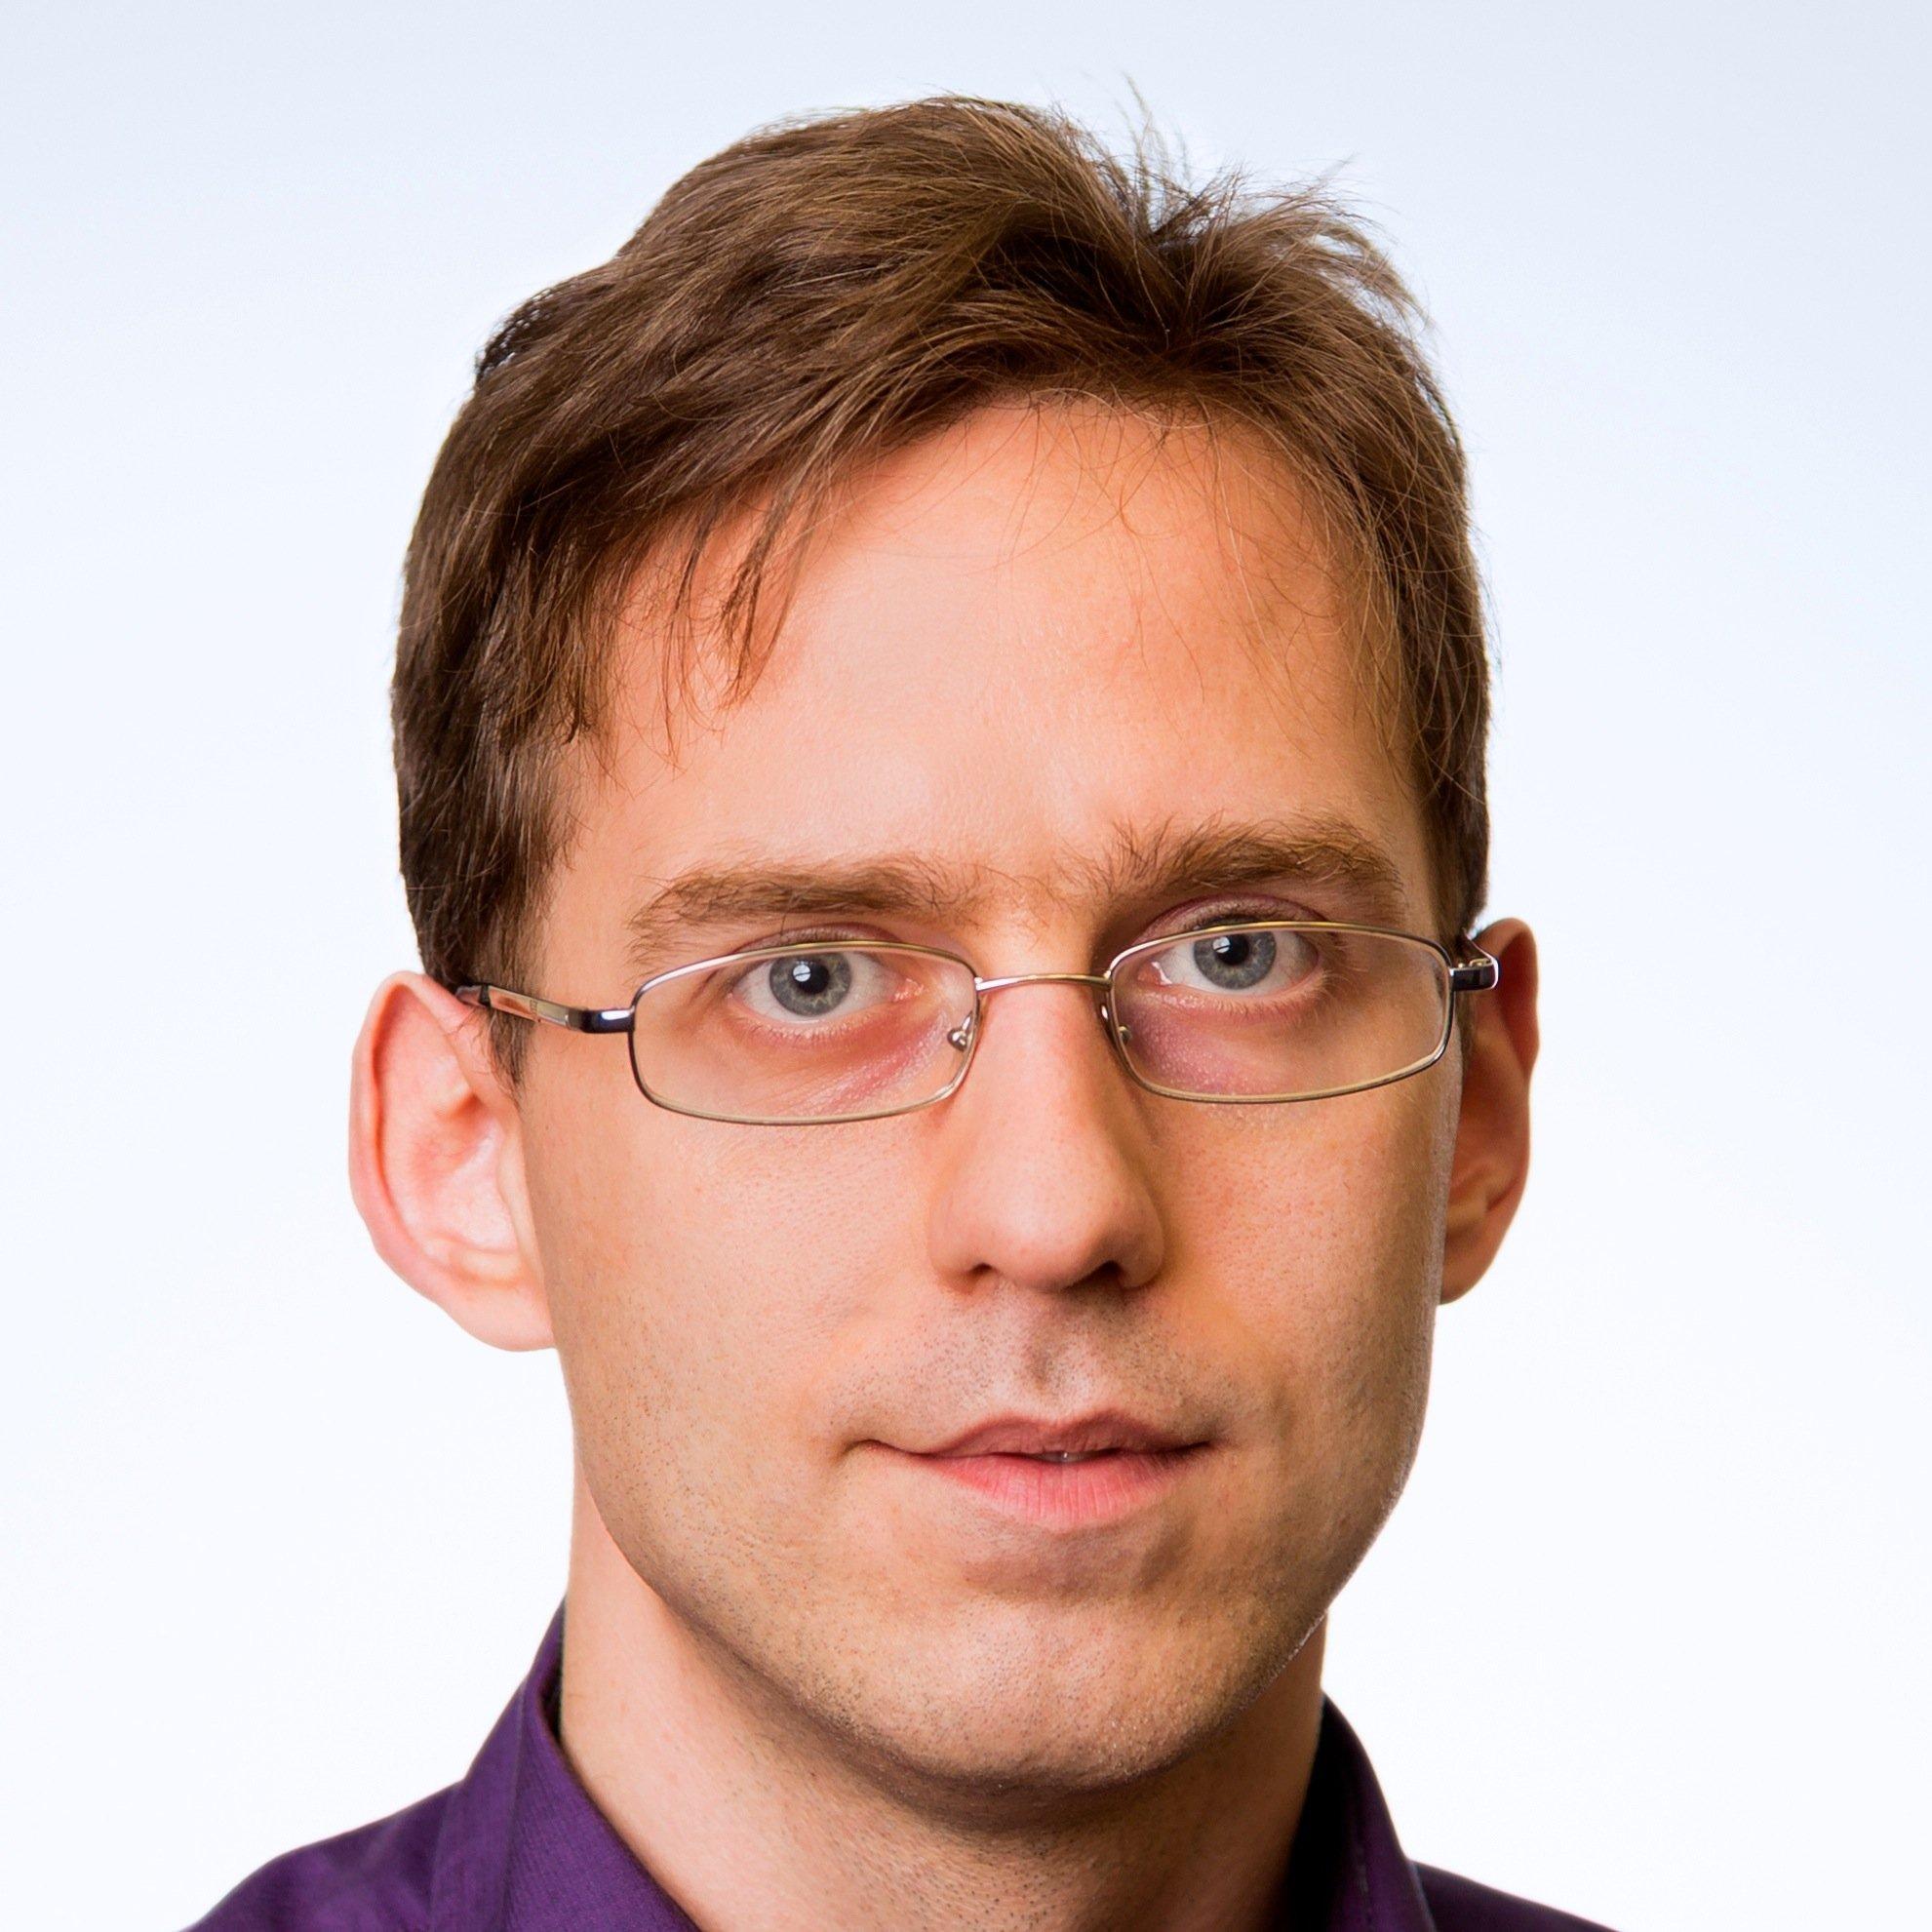 Nikita Salnikov-Tarnovski